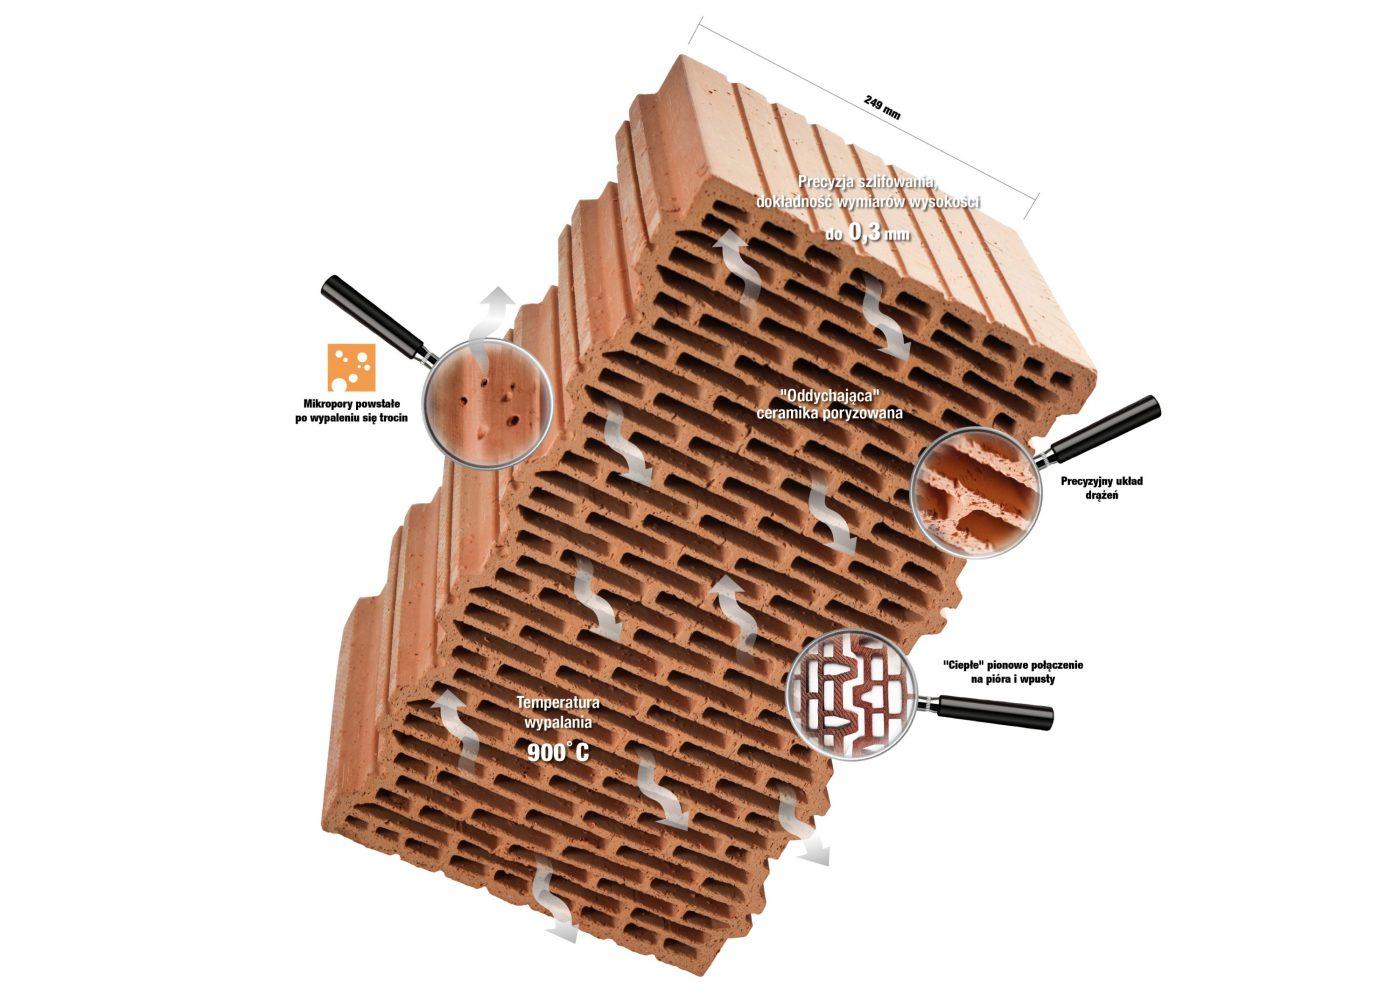 Hurtownia budowlana HDMB Materiały budowalna